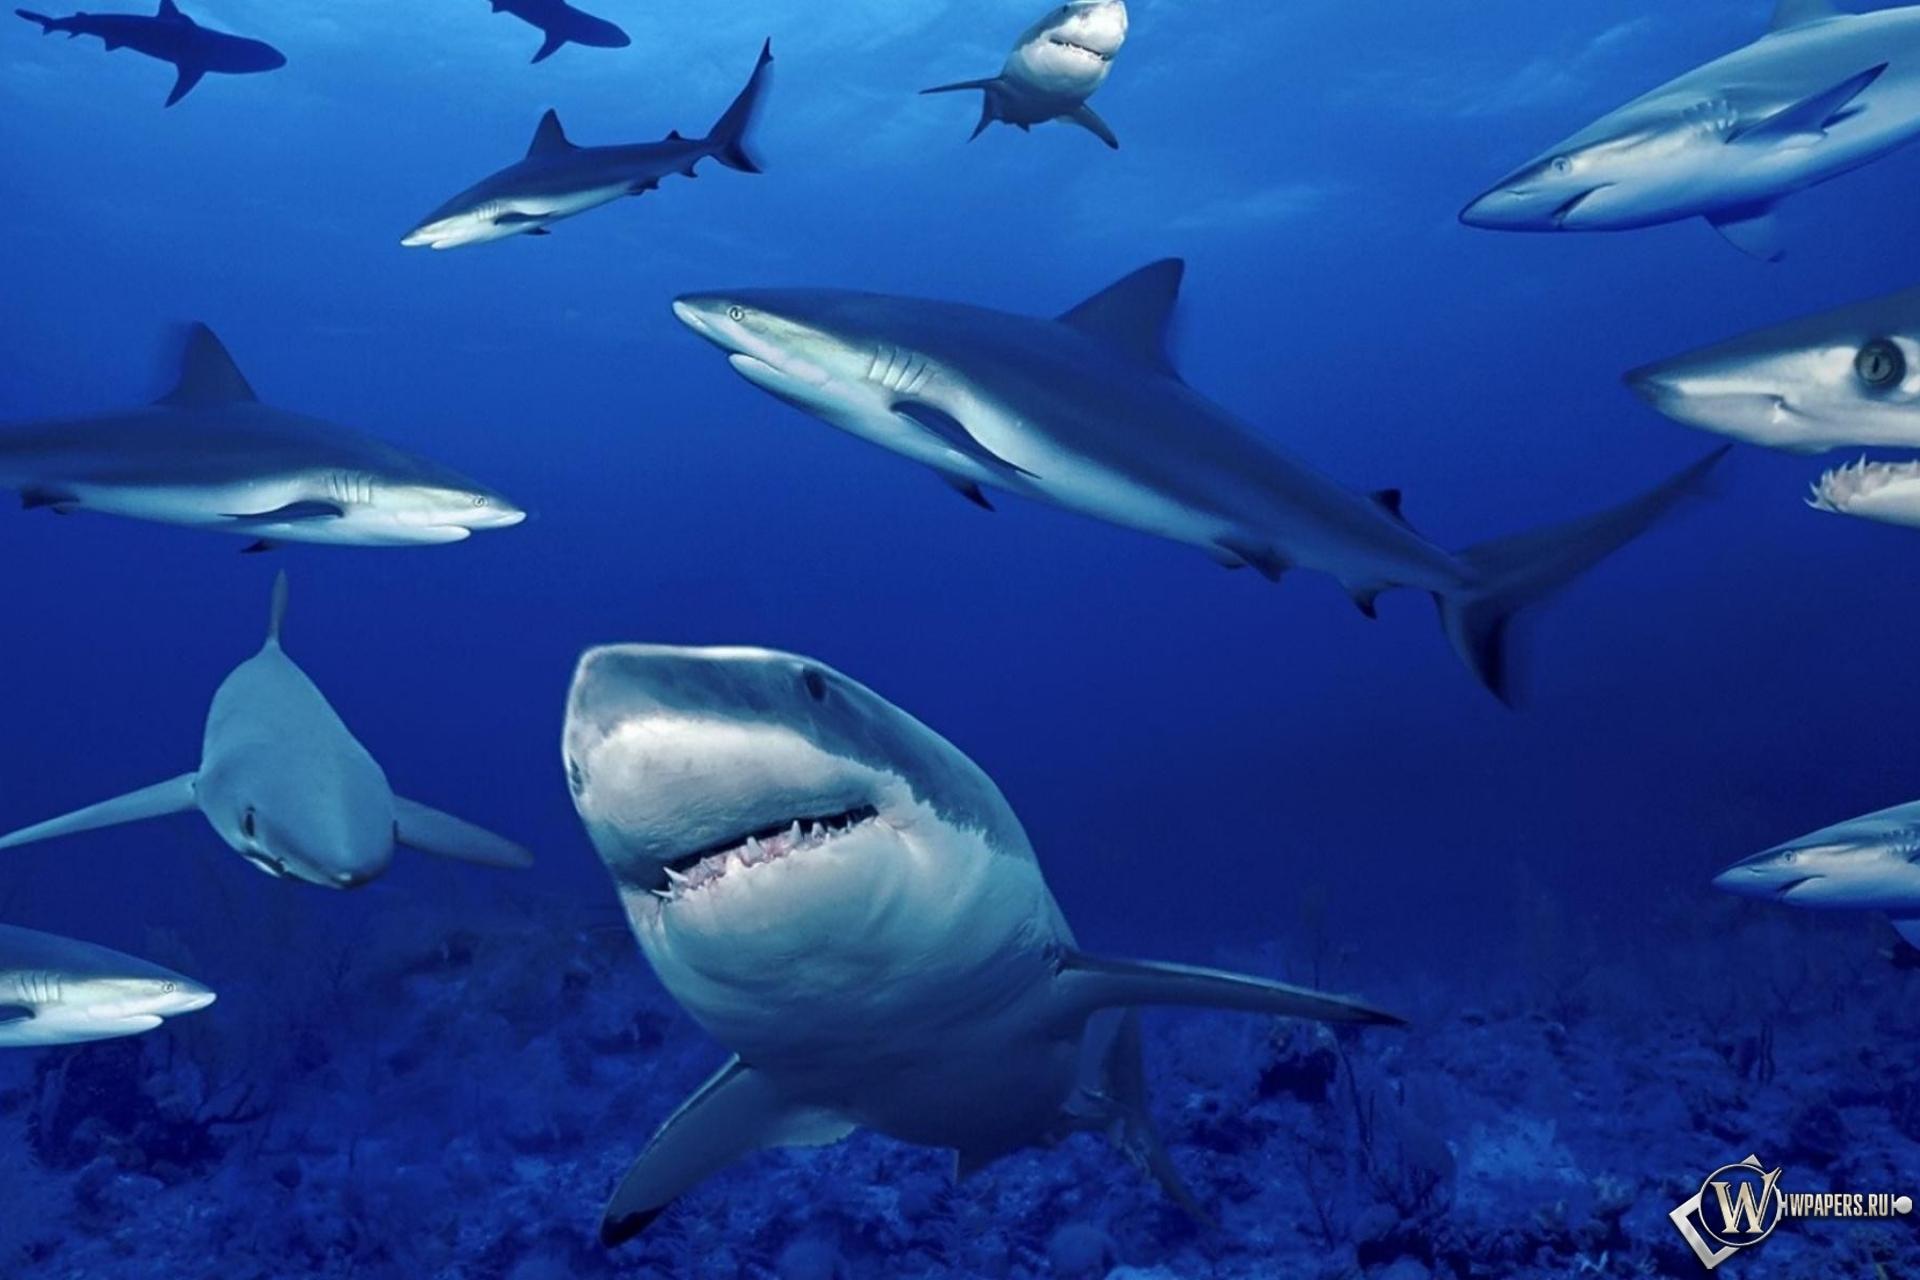 Скачать обои для рабочего акулы стола бесплатно 4